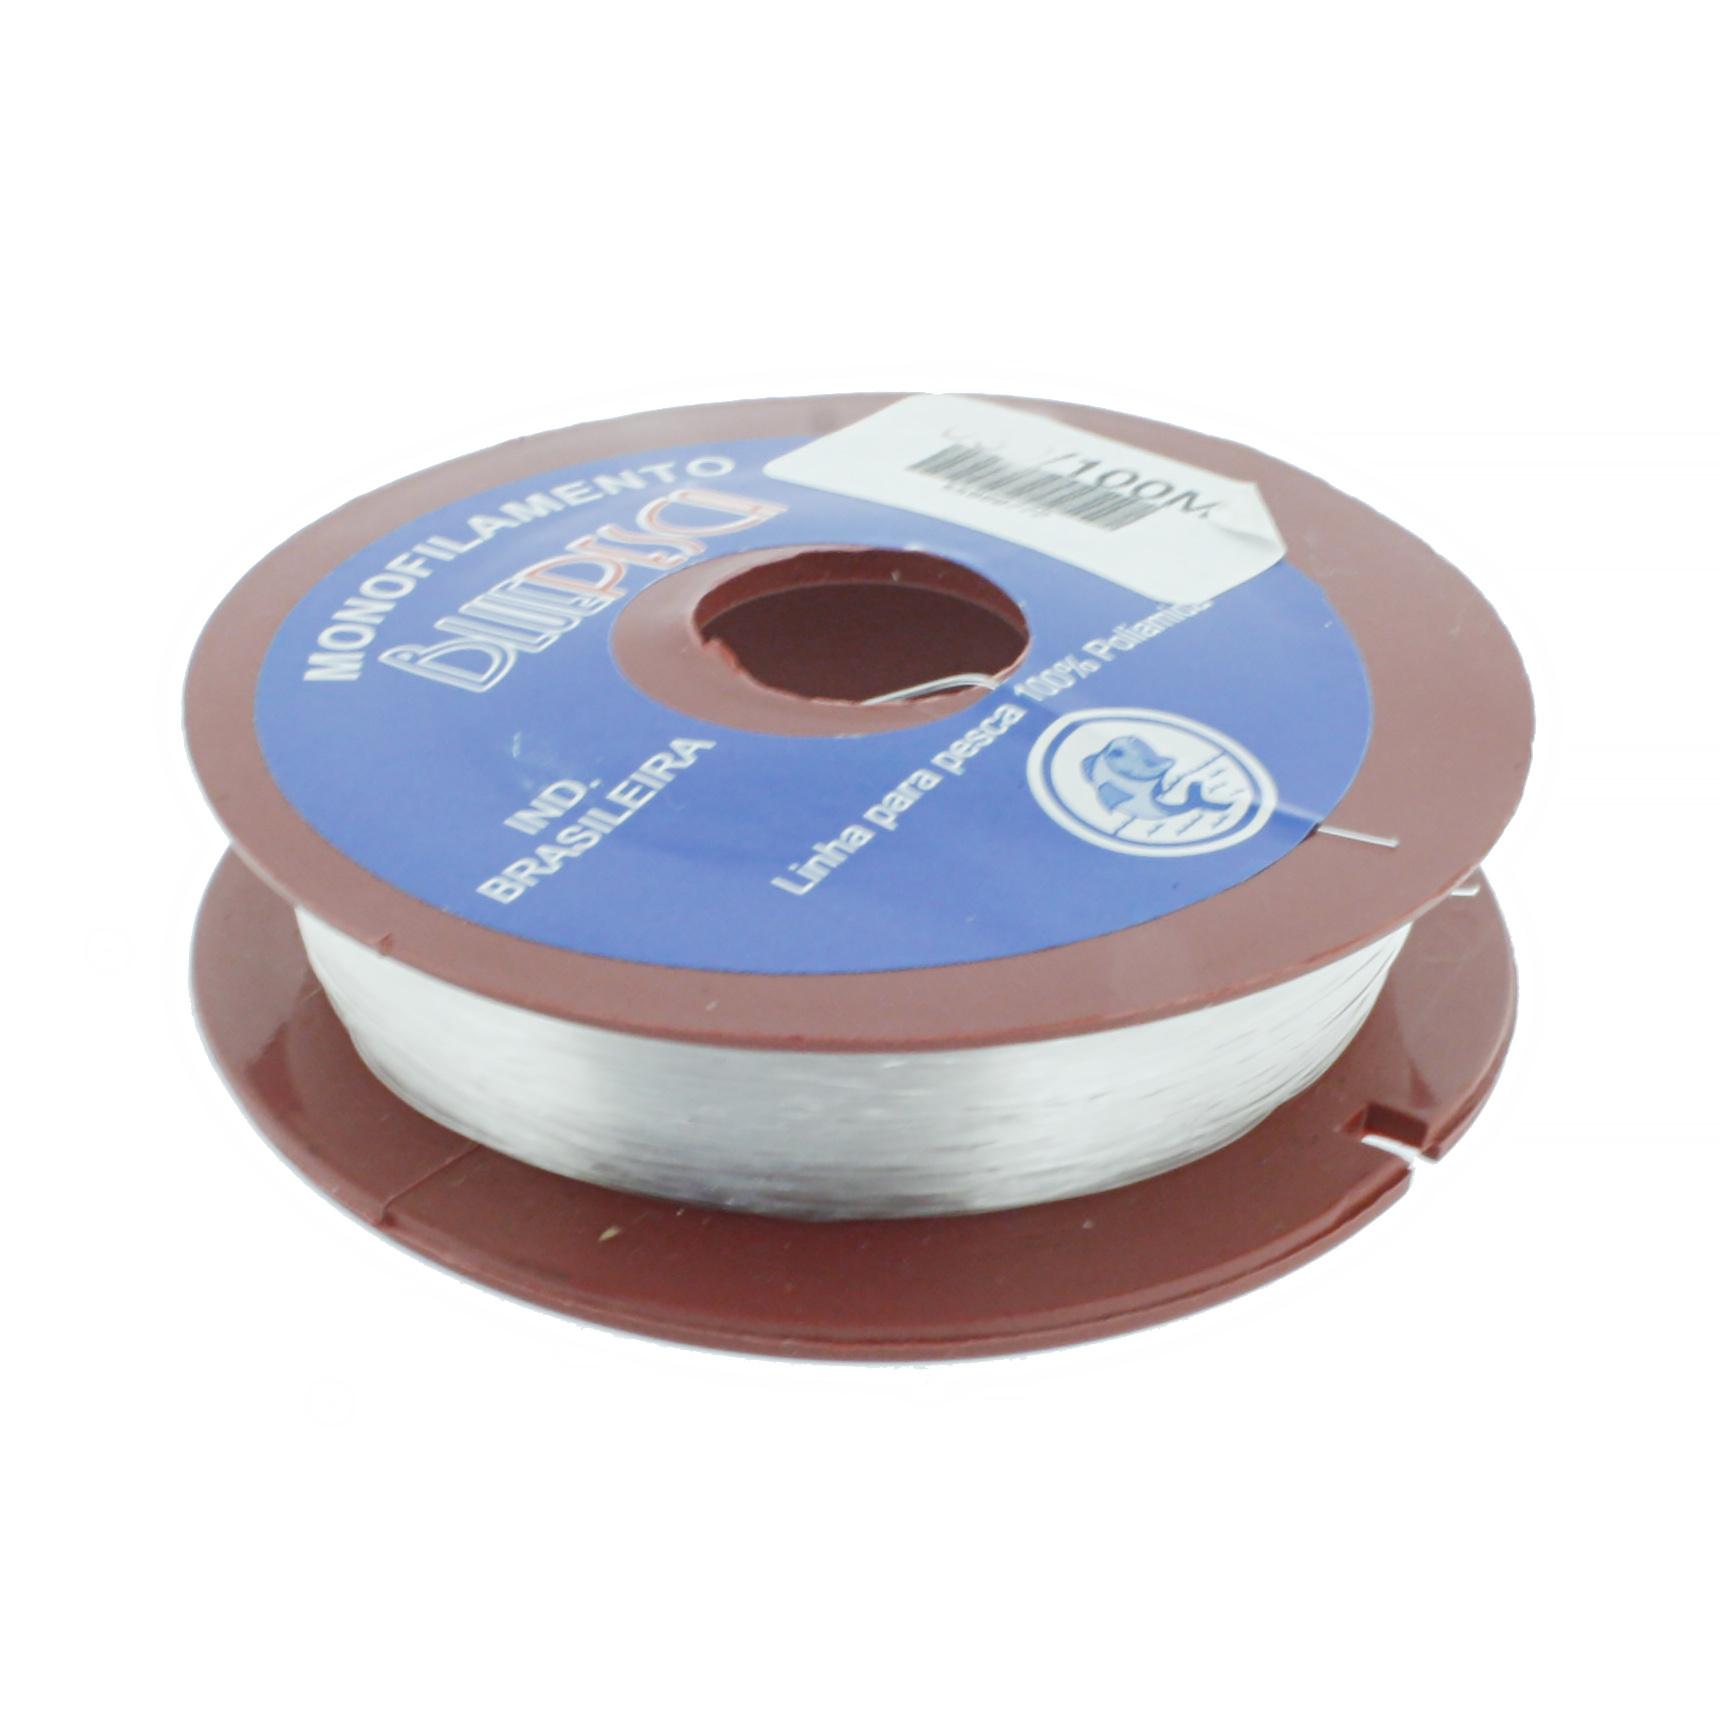 Fio de Nylon - 0,35mm  - Stéphanie Bijoux® - Peças para Bijuterias e Artesanato